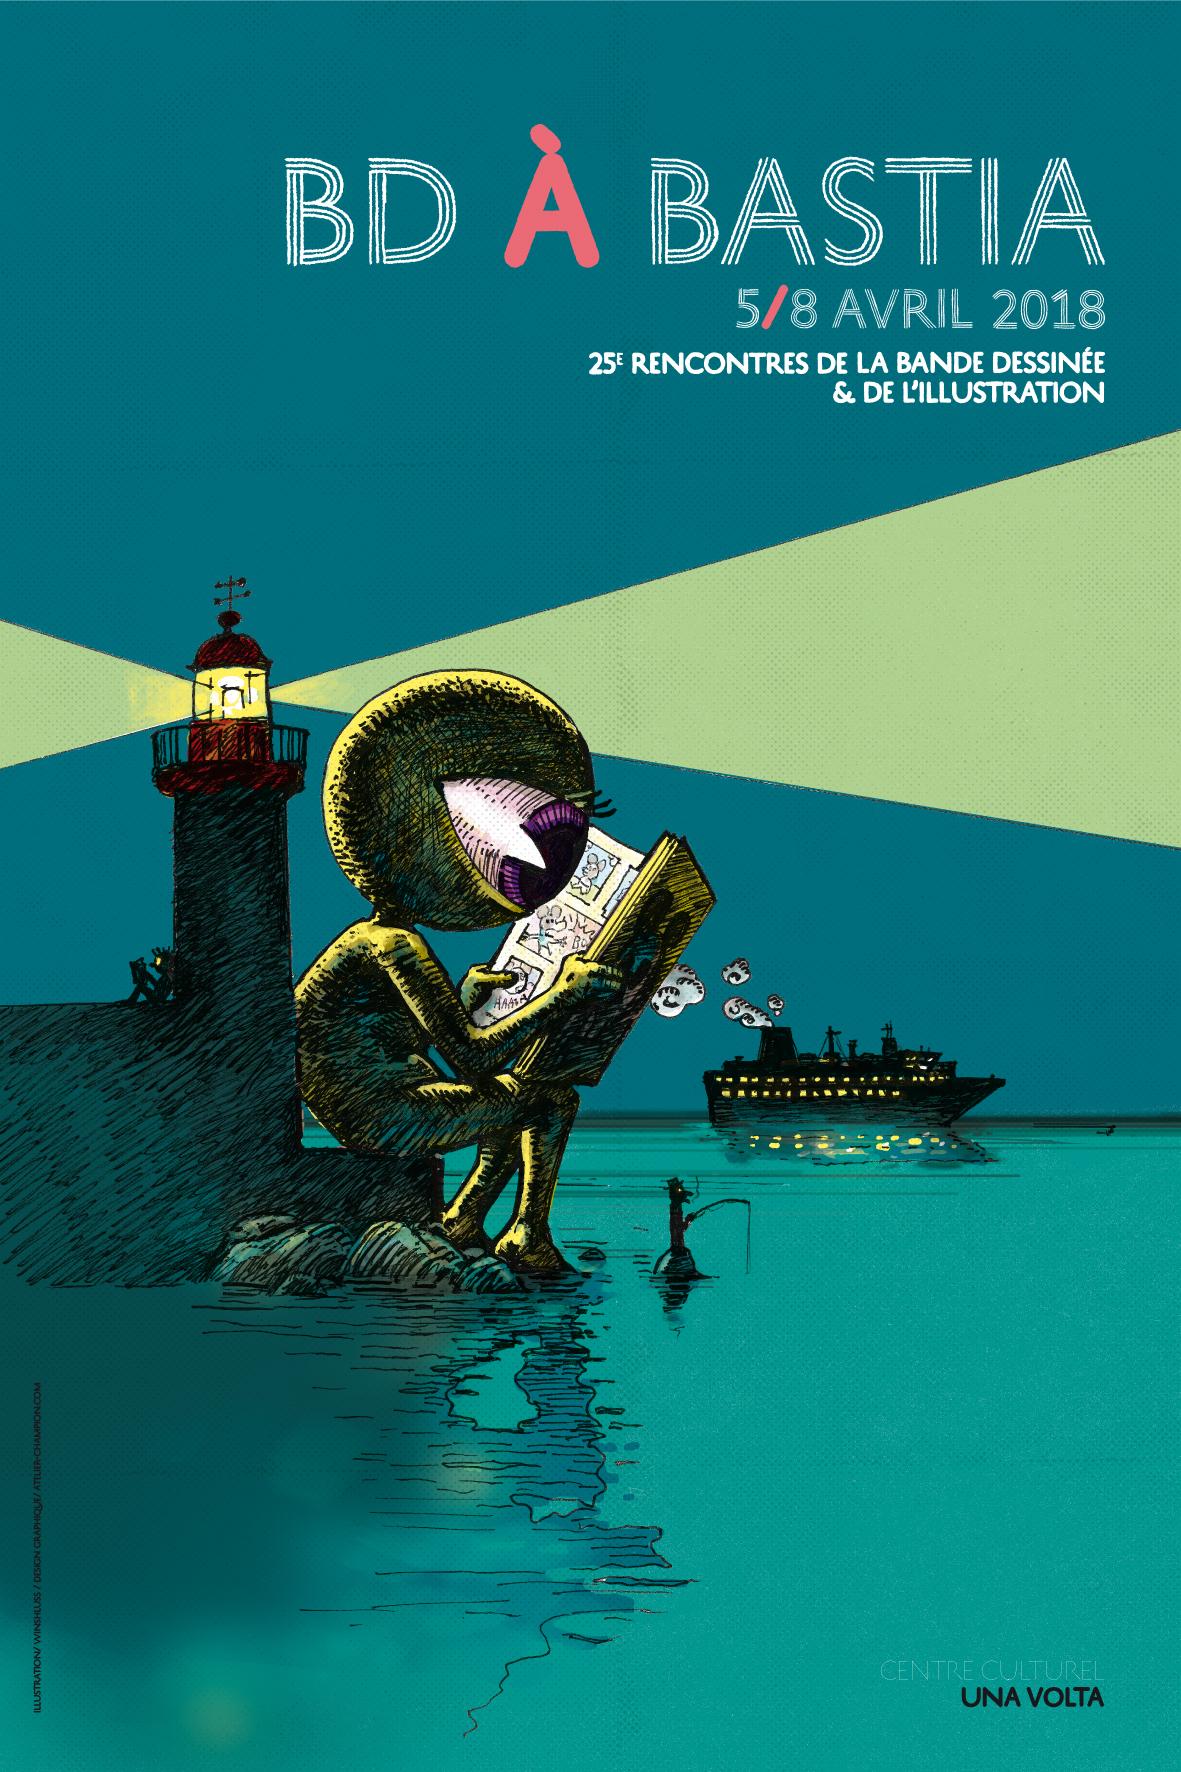 Bastia : Explosion de bulles pour les 25 ans du Festival BD